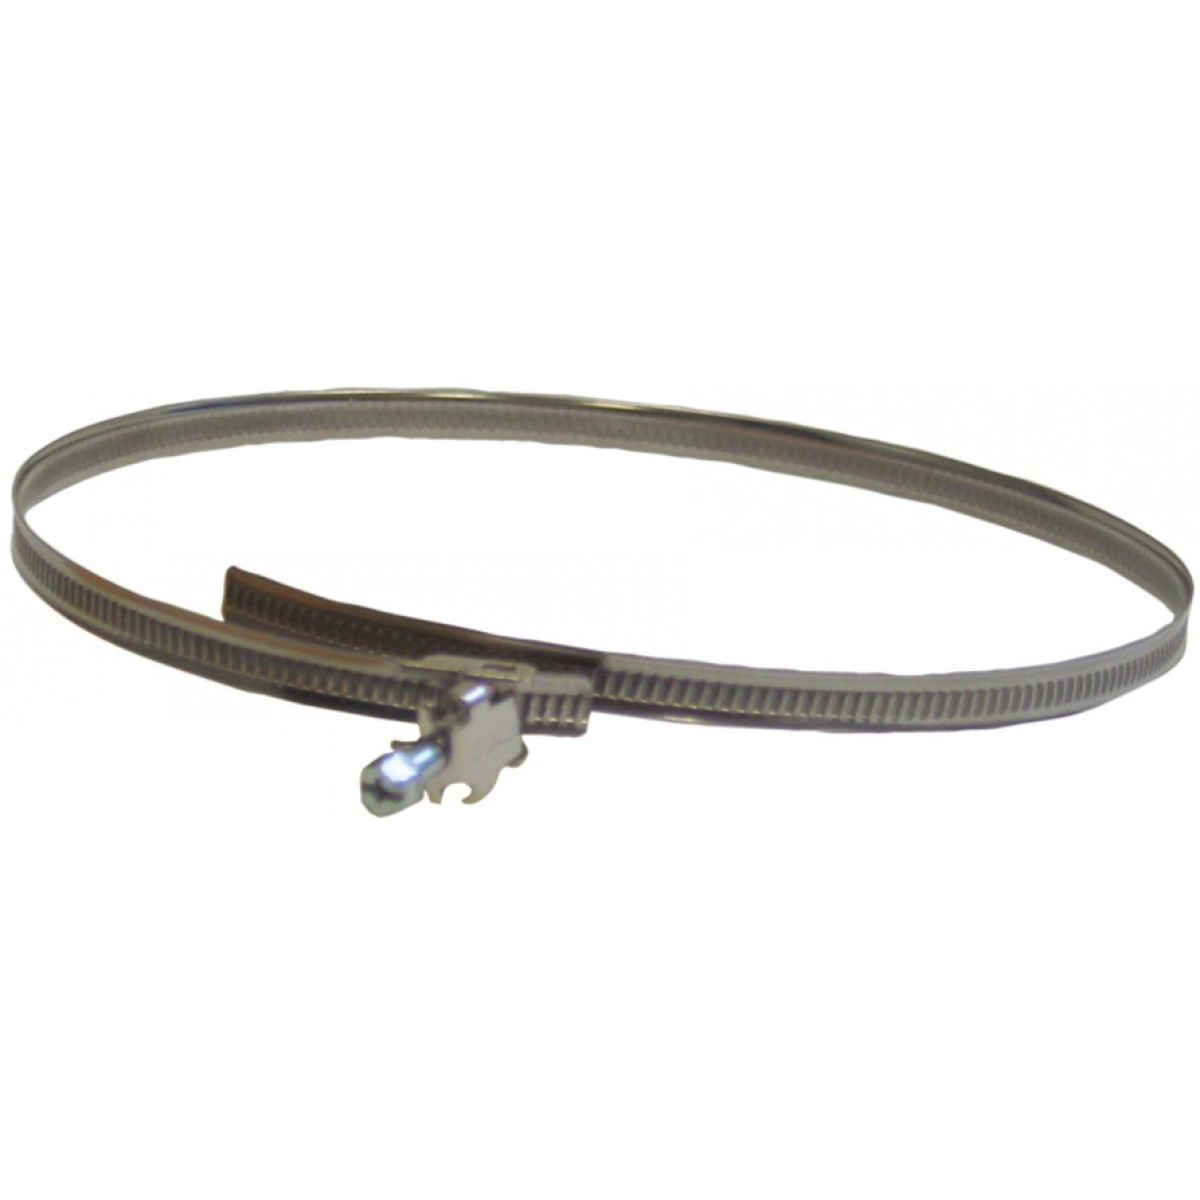 Collier plat à tête basculante DMO - Vendu par 2